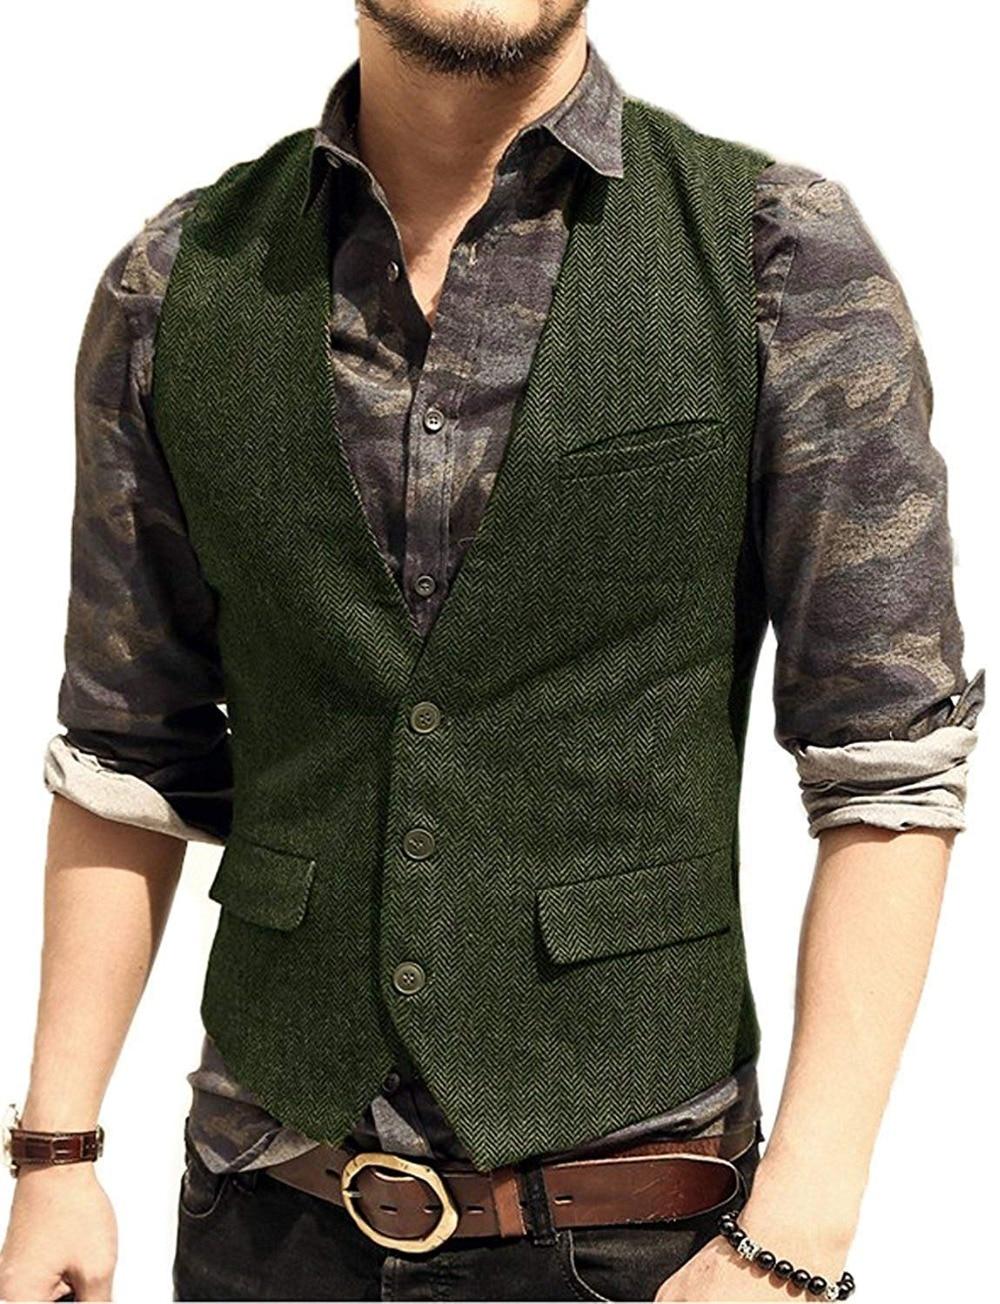 Men's Suit Vest V Neck Wool Herringbone Tweed Casual Waistcoat Formal Business Vest Groomman For Green/Black/Brown/Coffee